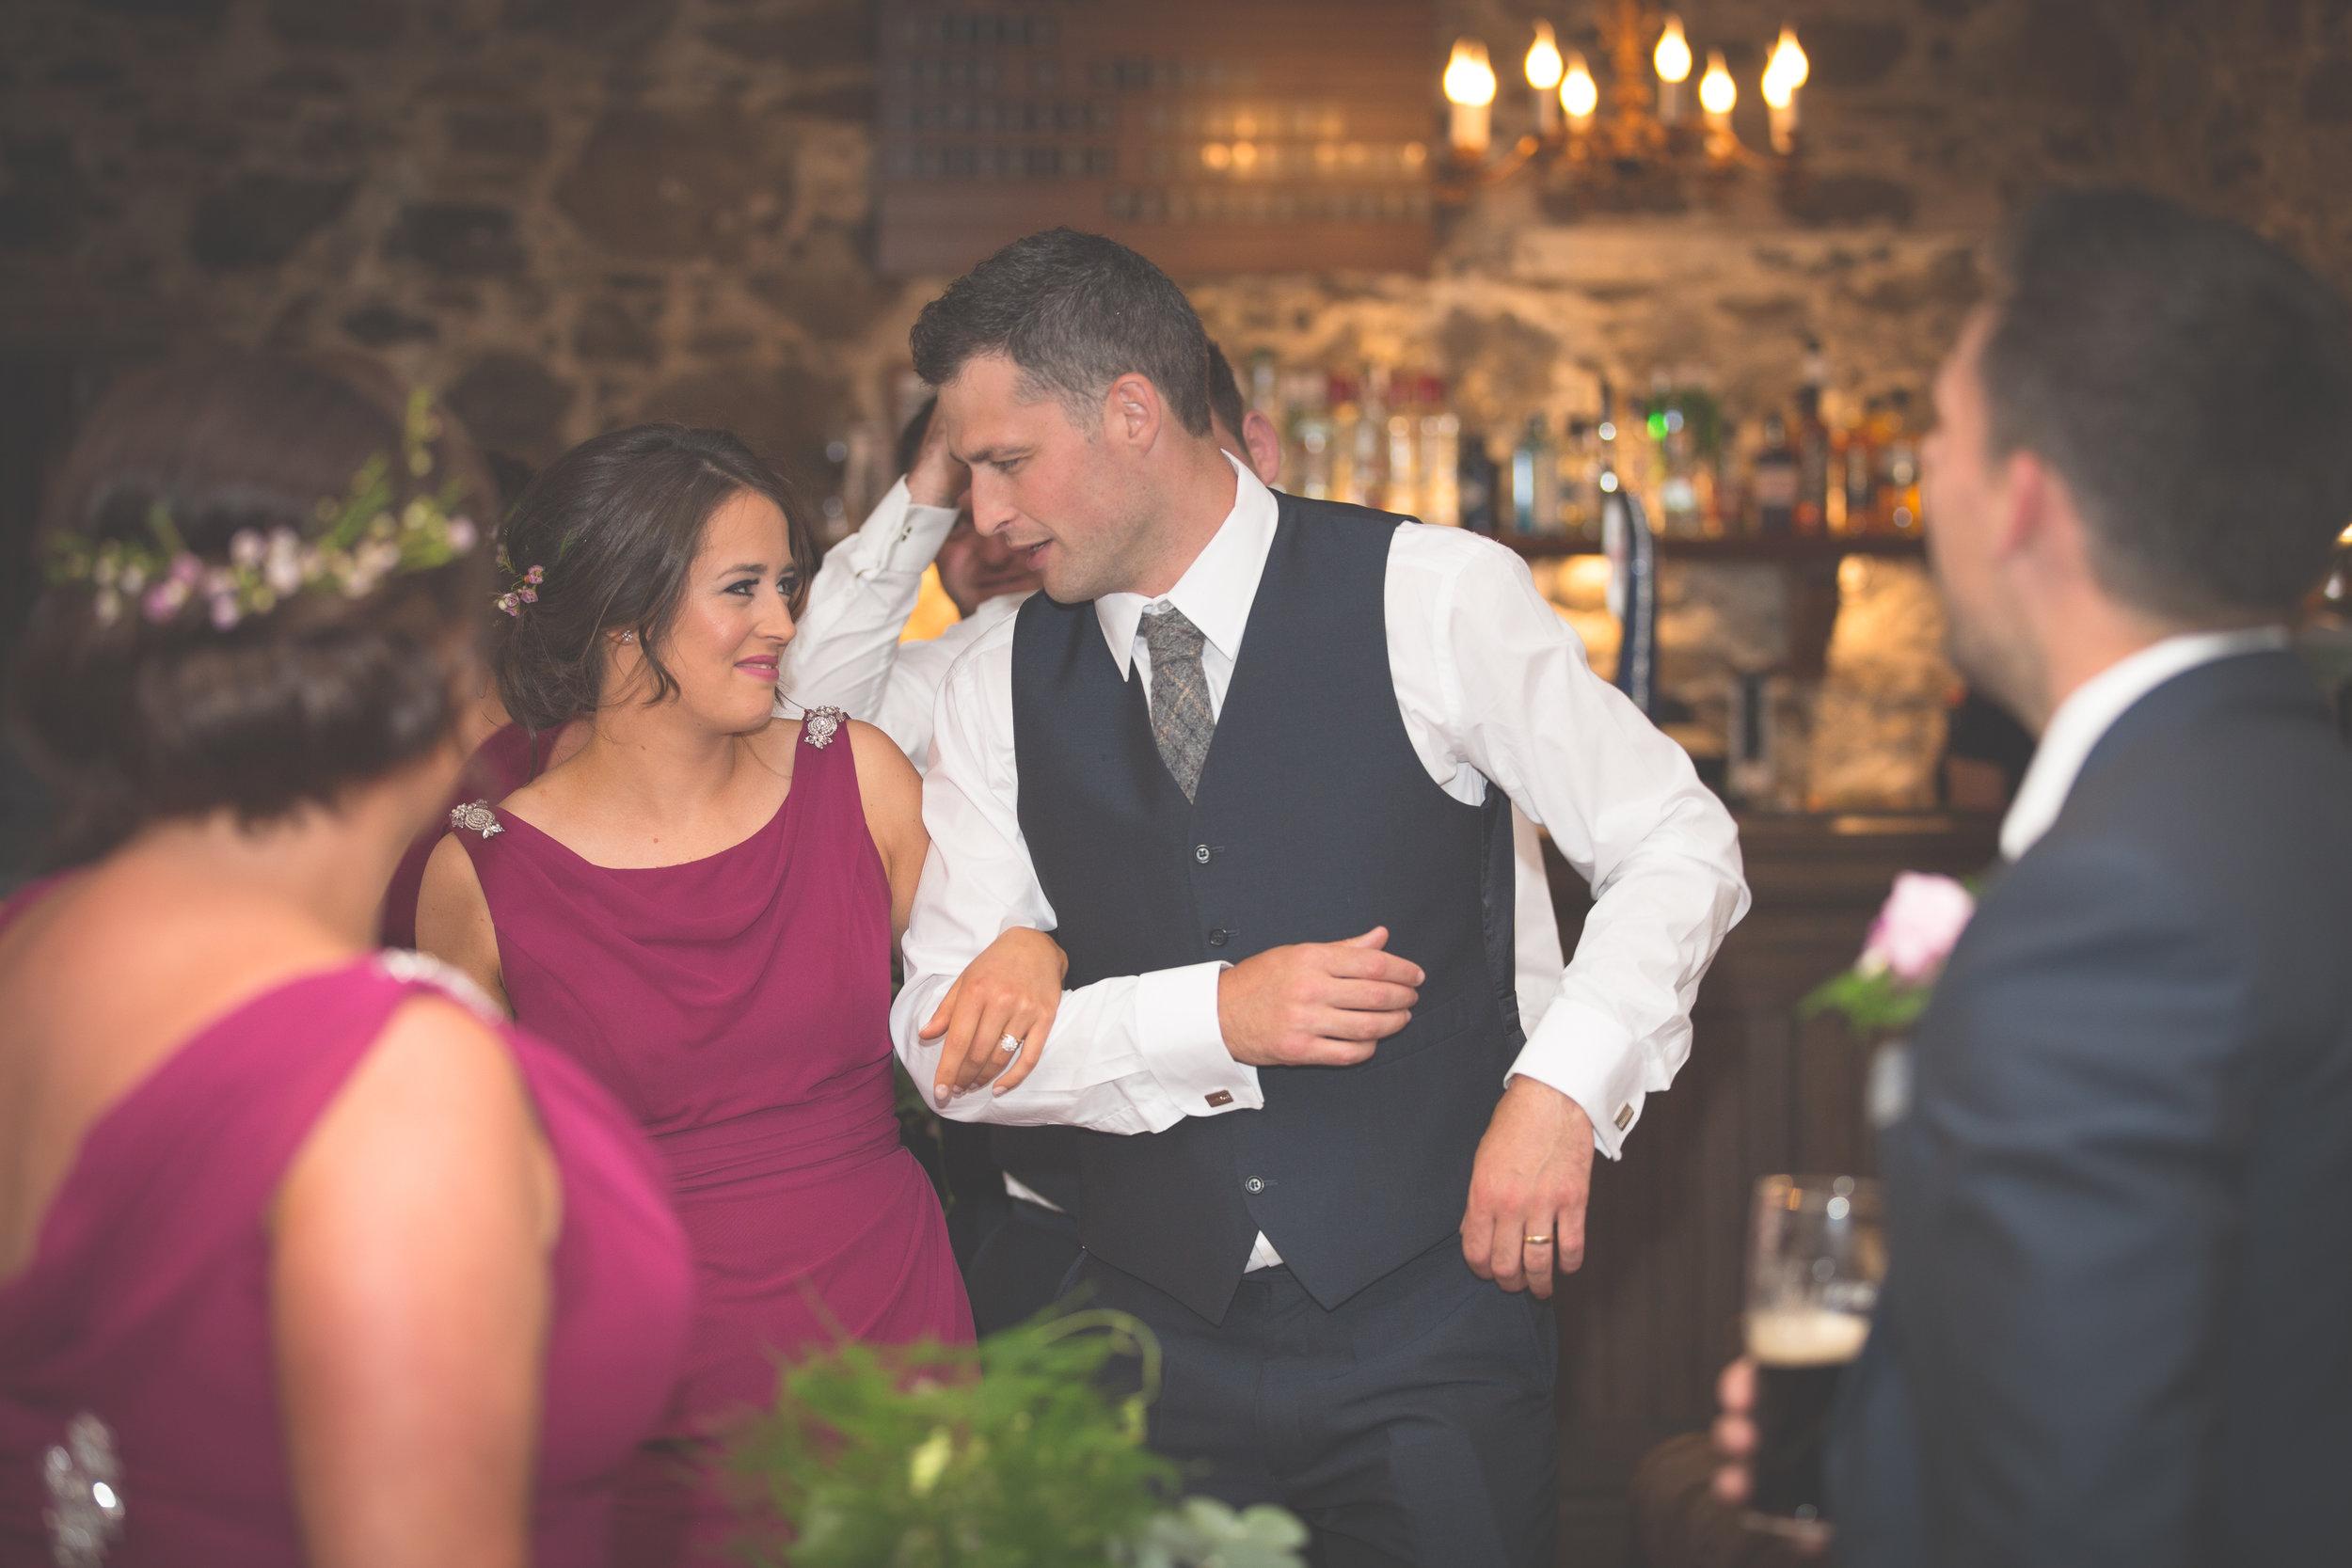 Brian McEwan Wedding Photography | Carol-Anne & Sean | The Speeches-43.jpg